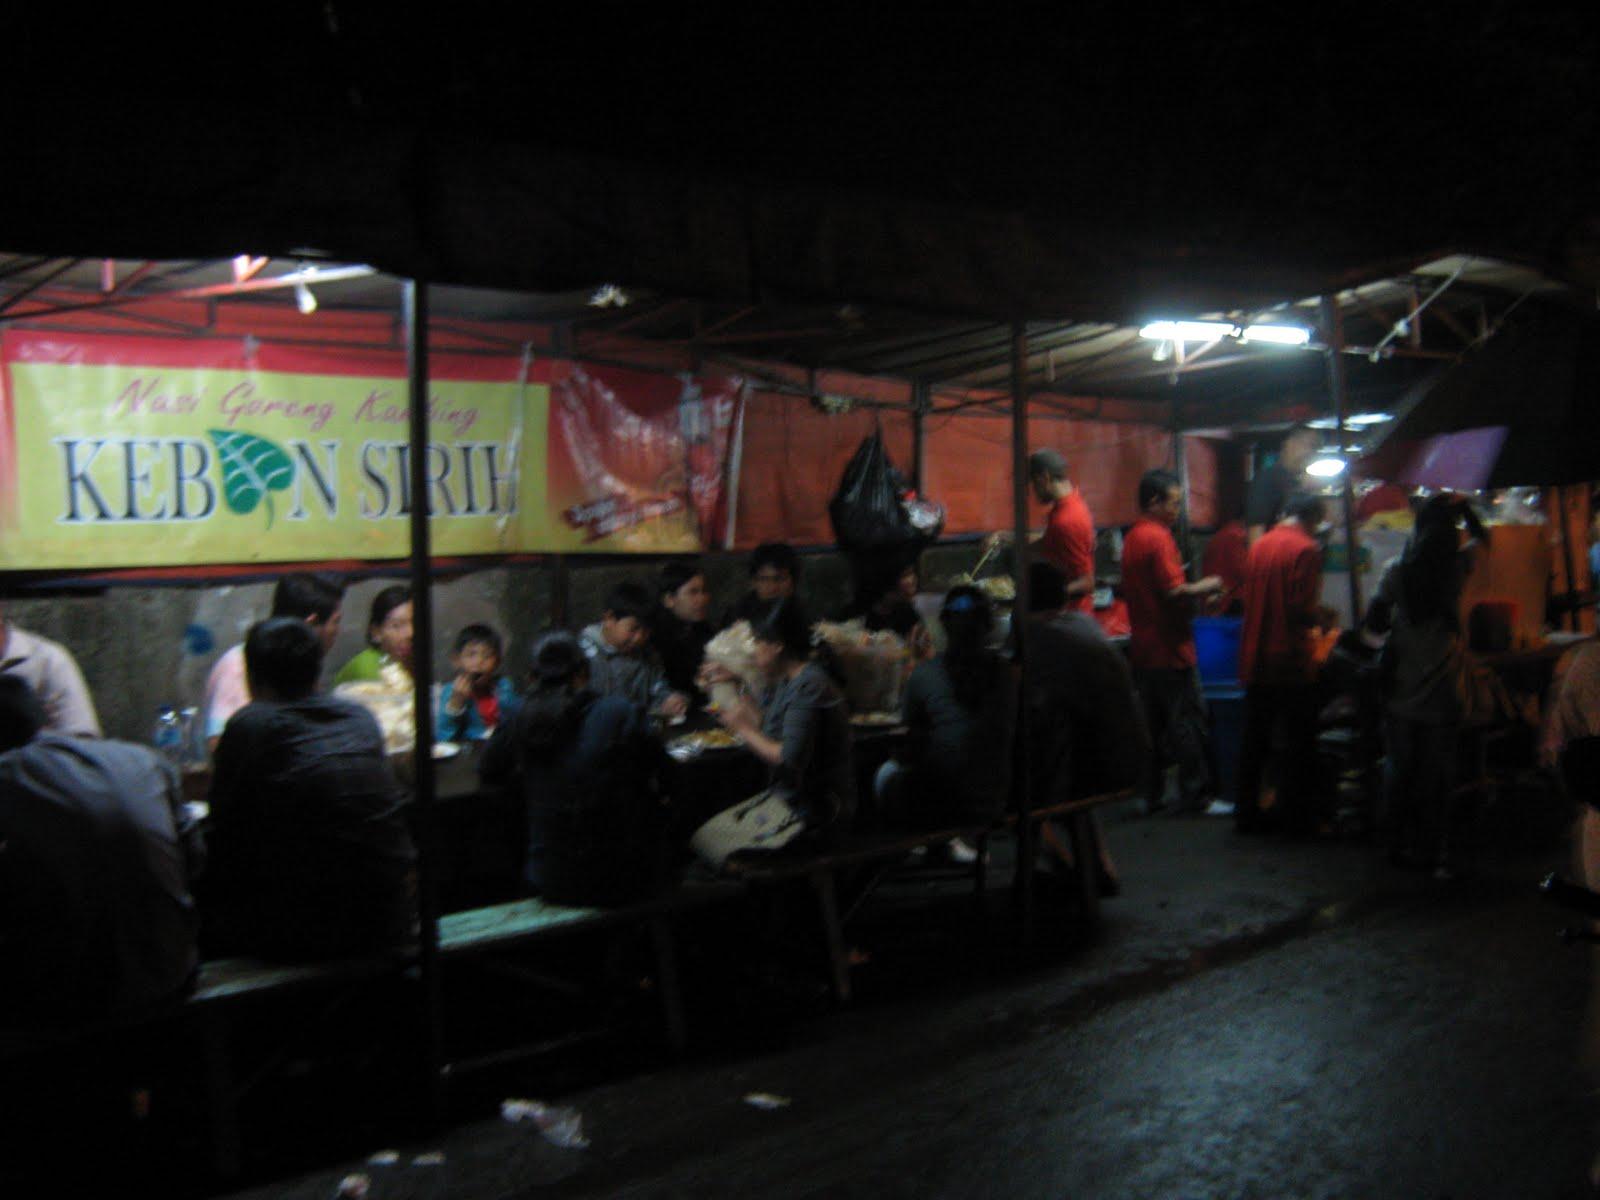 Tempat Pijat Enak Di Jakarta Pusat - Pijat Koo